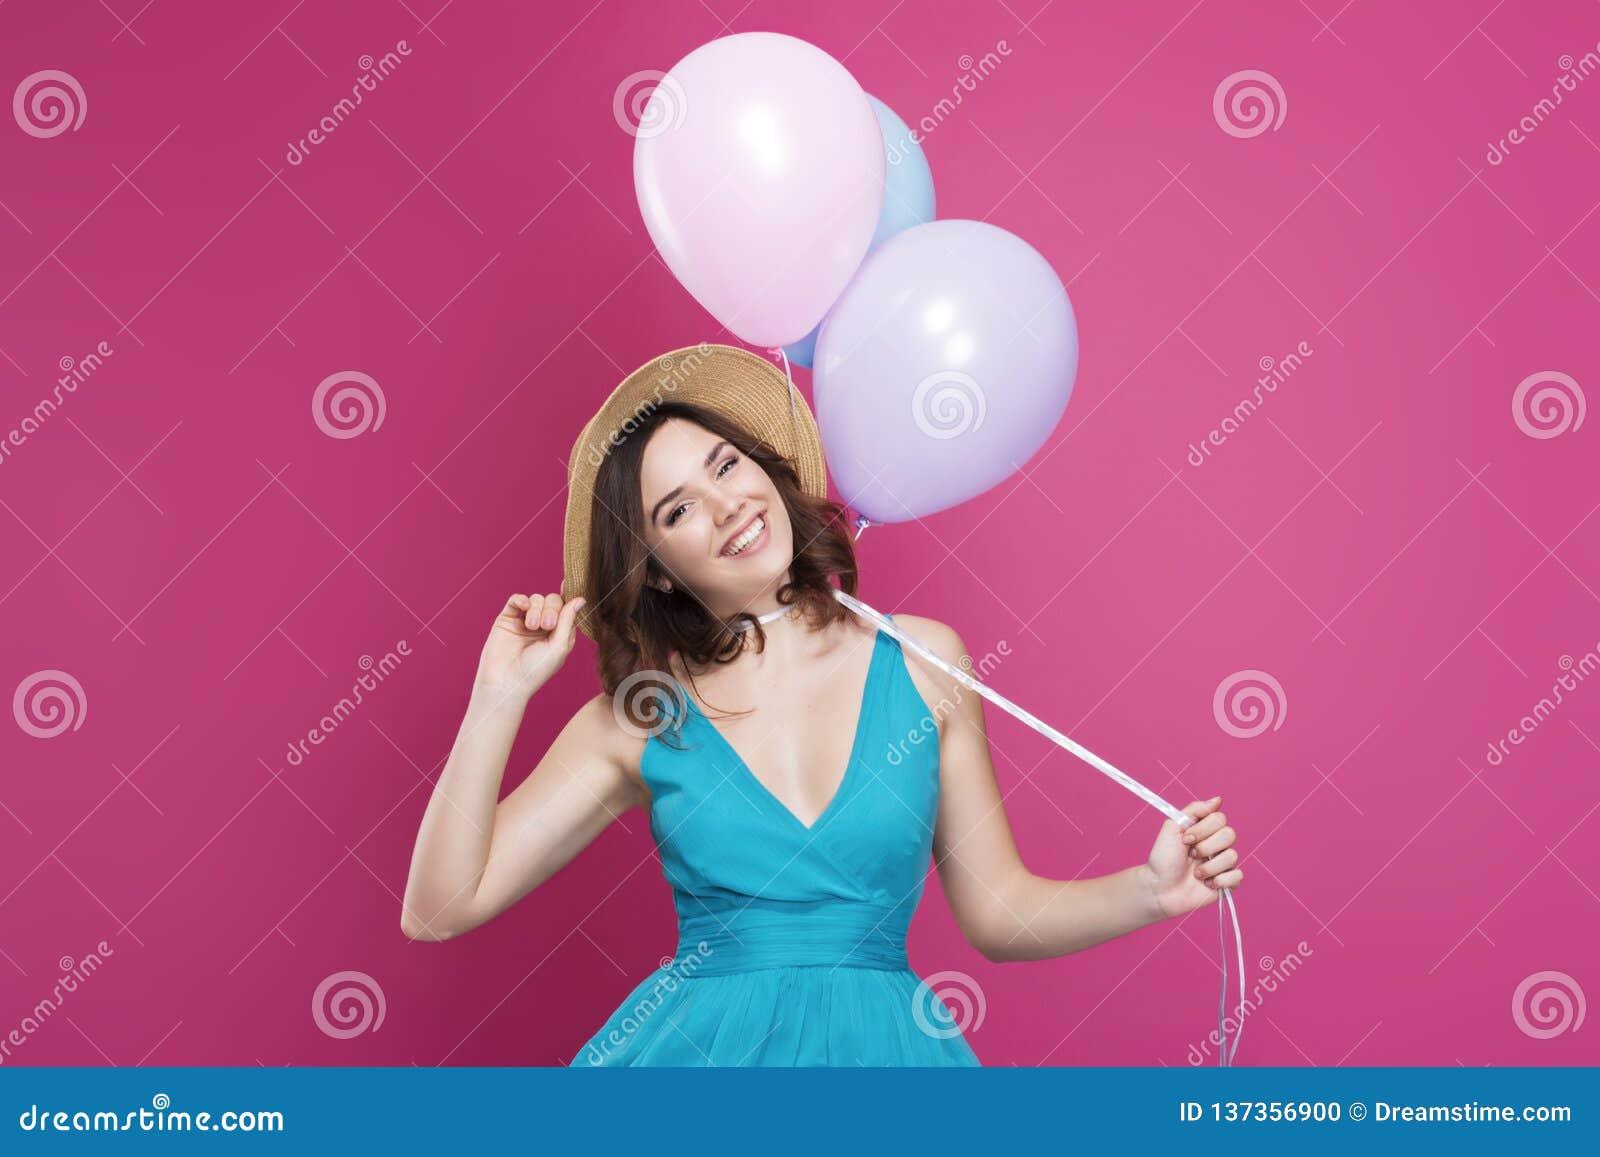 Piękna brunetka w błękitnej sukni słomianym kapeluszu i trzyma balony